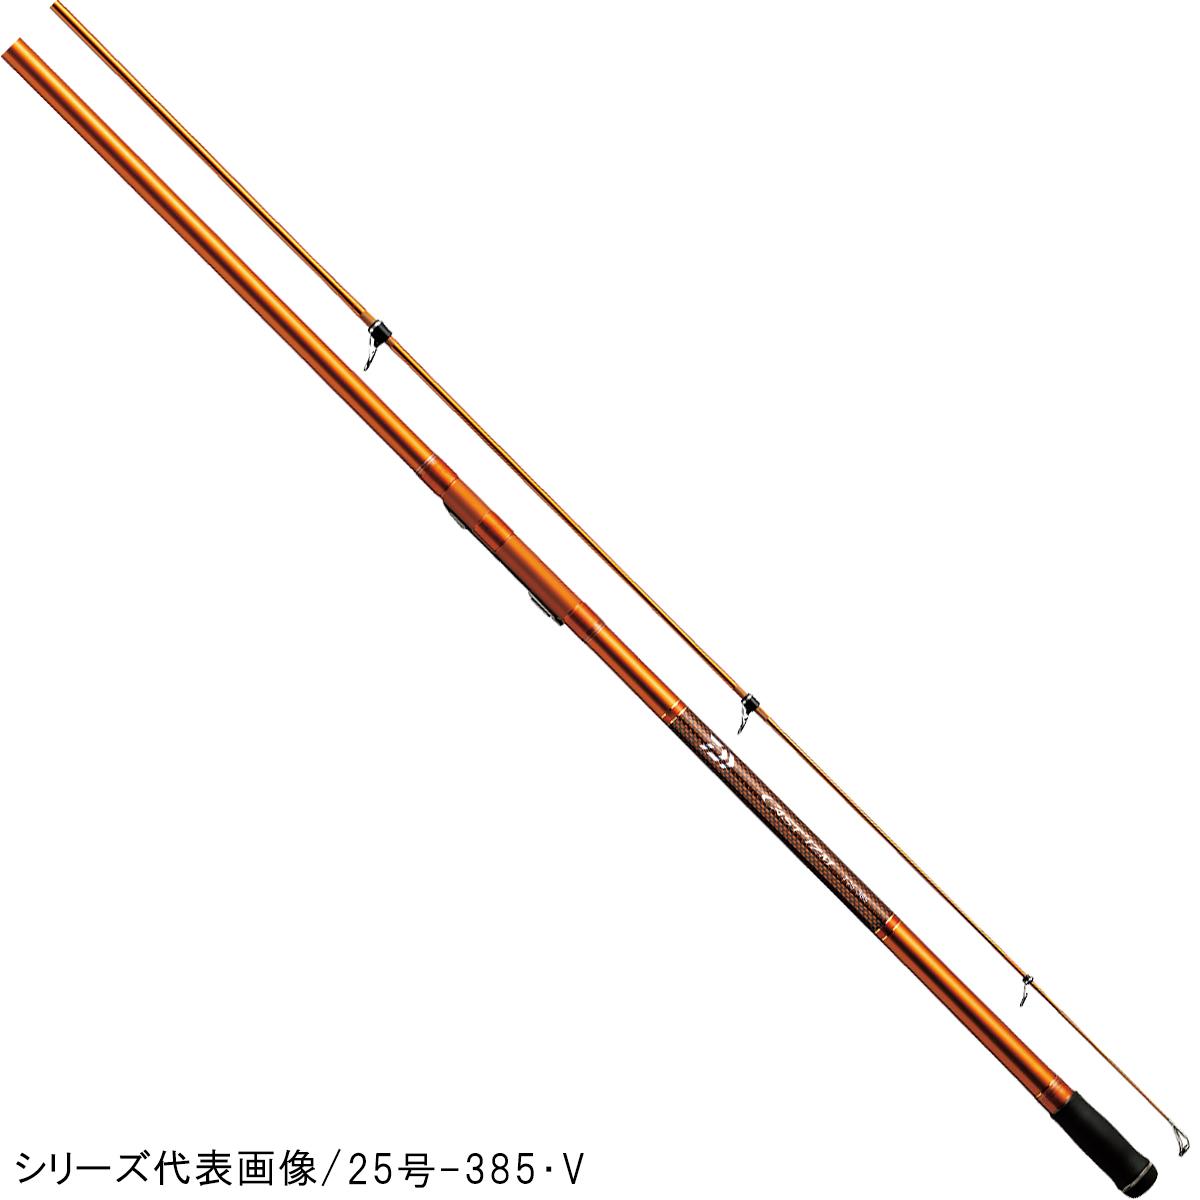 ダイワ キャスティズム T 20号-385・V【大型商品】